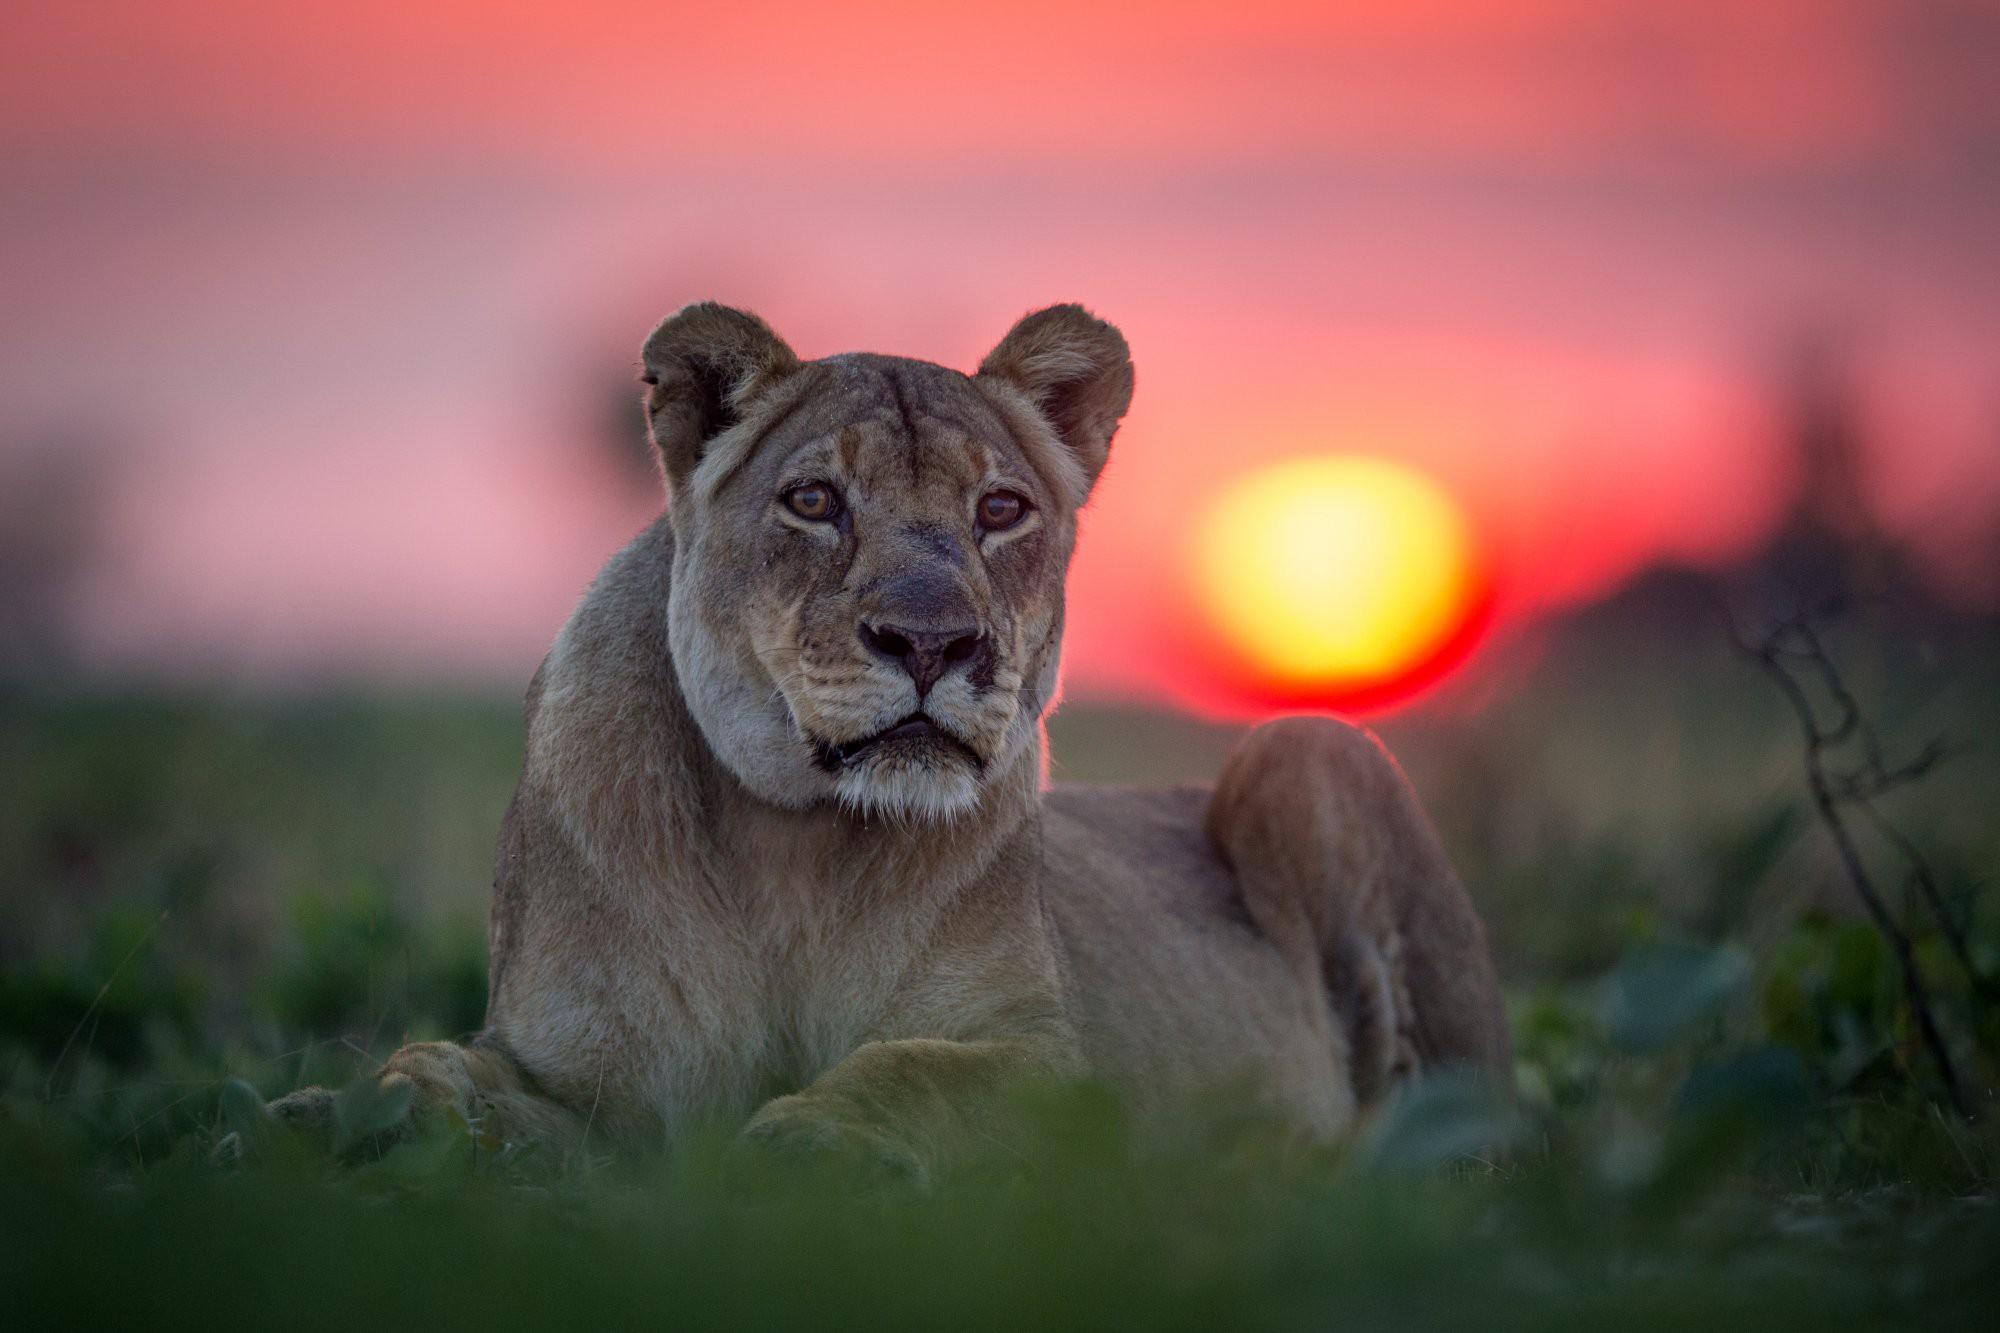 Ghé thăm vùng đất lý tưởng cho các nhiếp ảnh gia thiên nhiên hoang dã: Quê hương của một con sư tử huyền thoại - Ảnh 7.